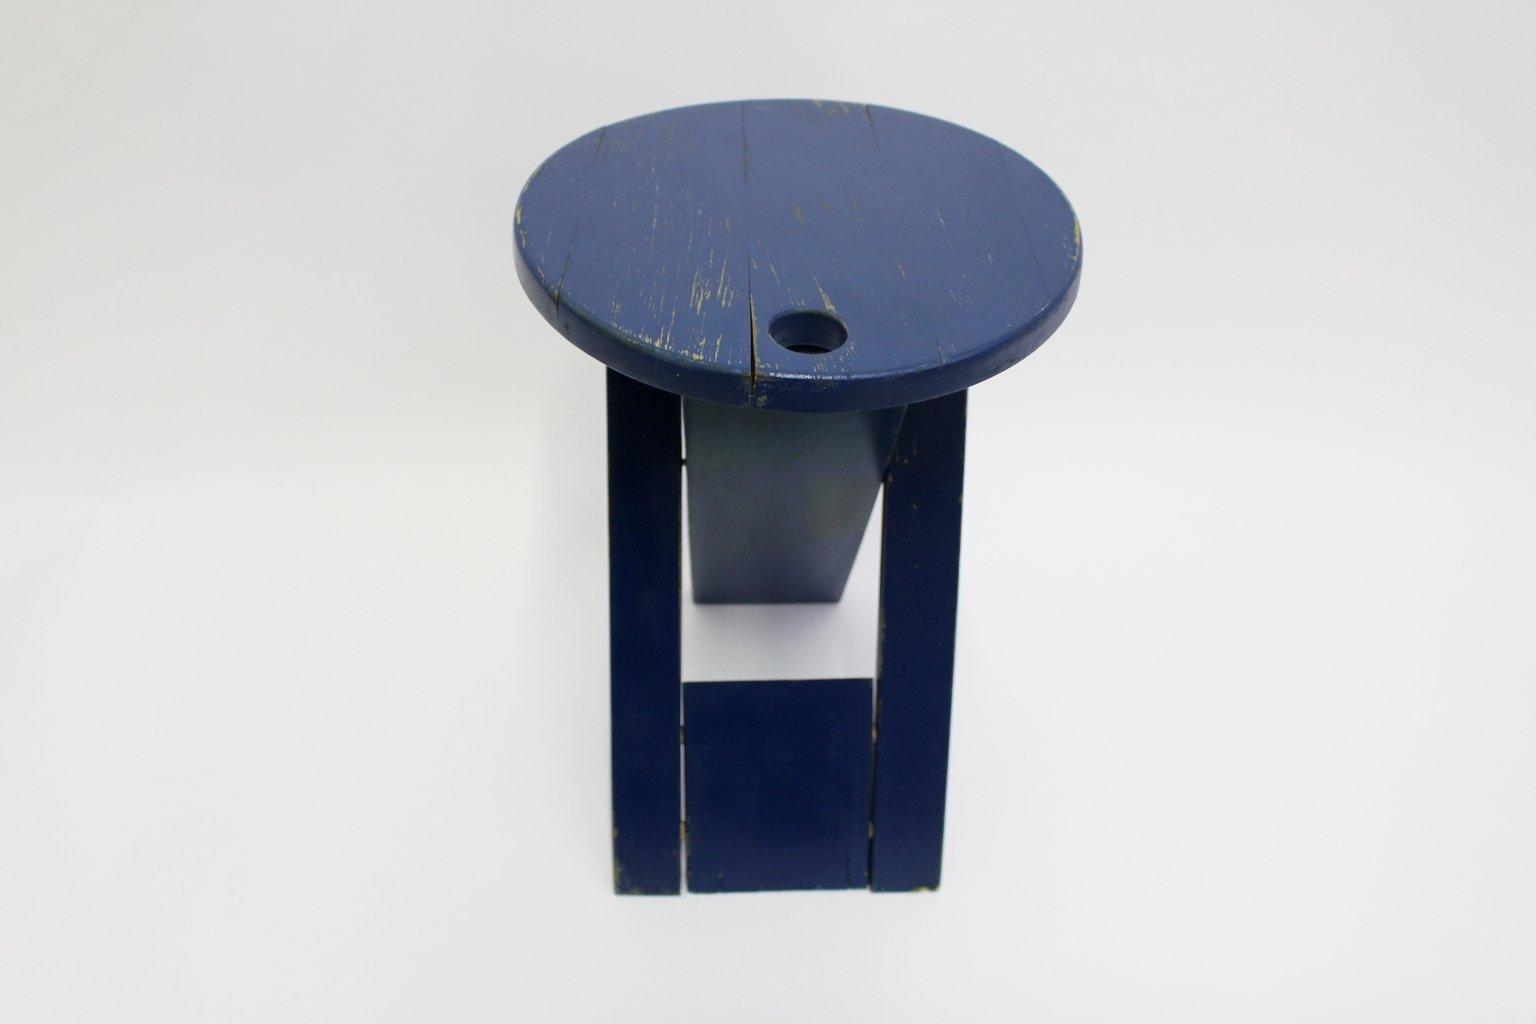 tabouret pliant suzy vintage par adrian reed pour princess. Black Bedroom Furniture Sets. Home Design Ideas